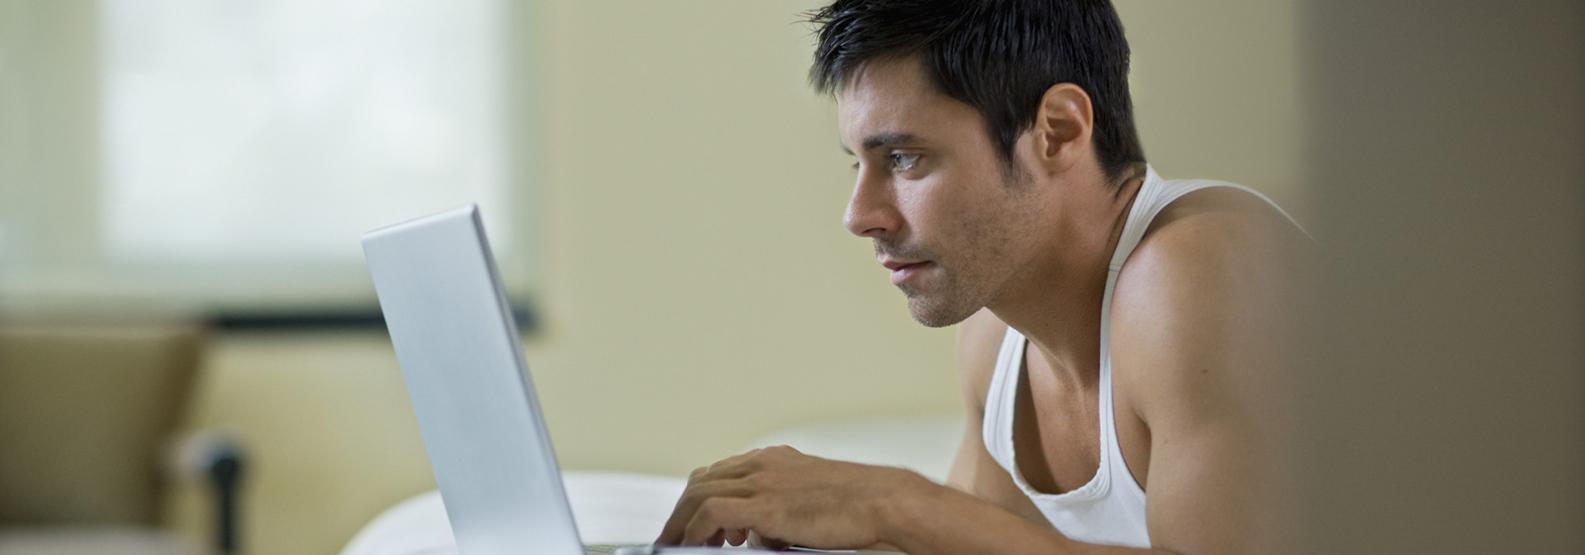 Нове дослідження виявило несподіваний вплив порно на чоловіків